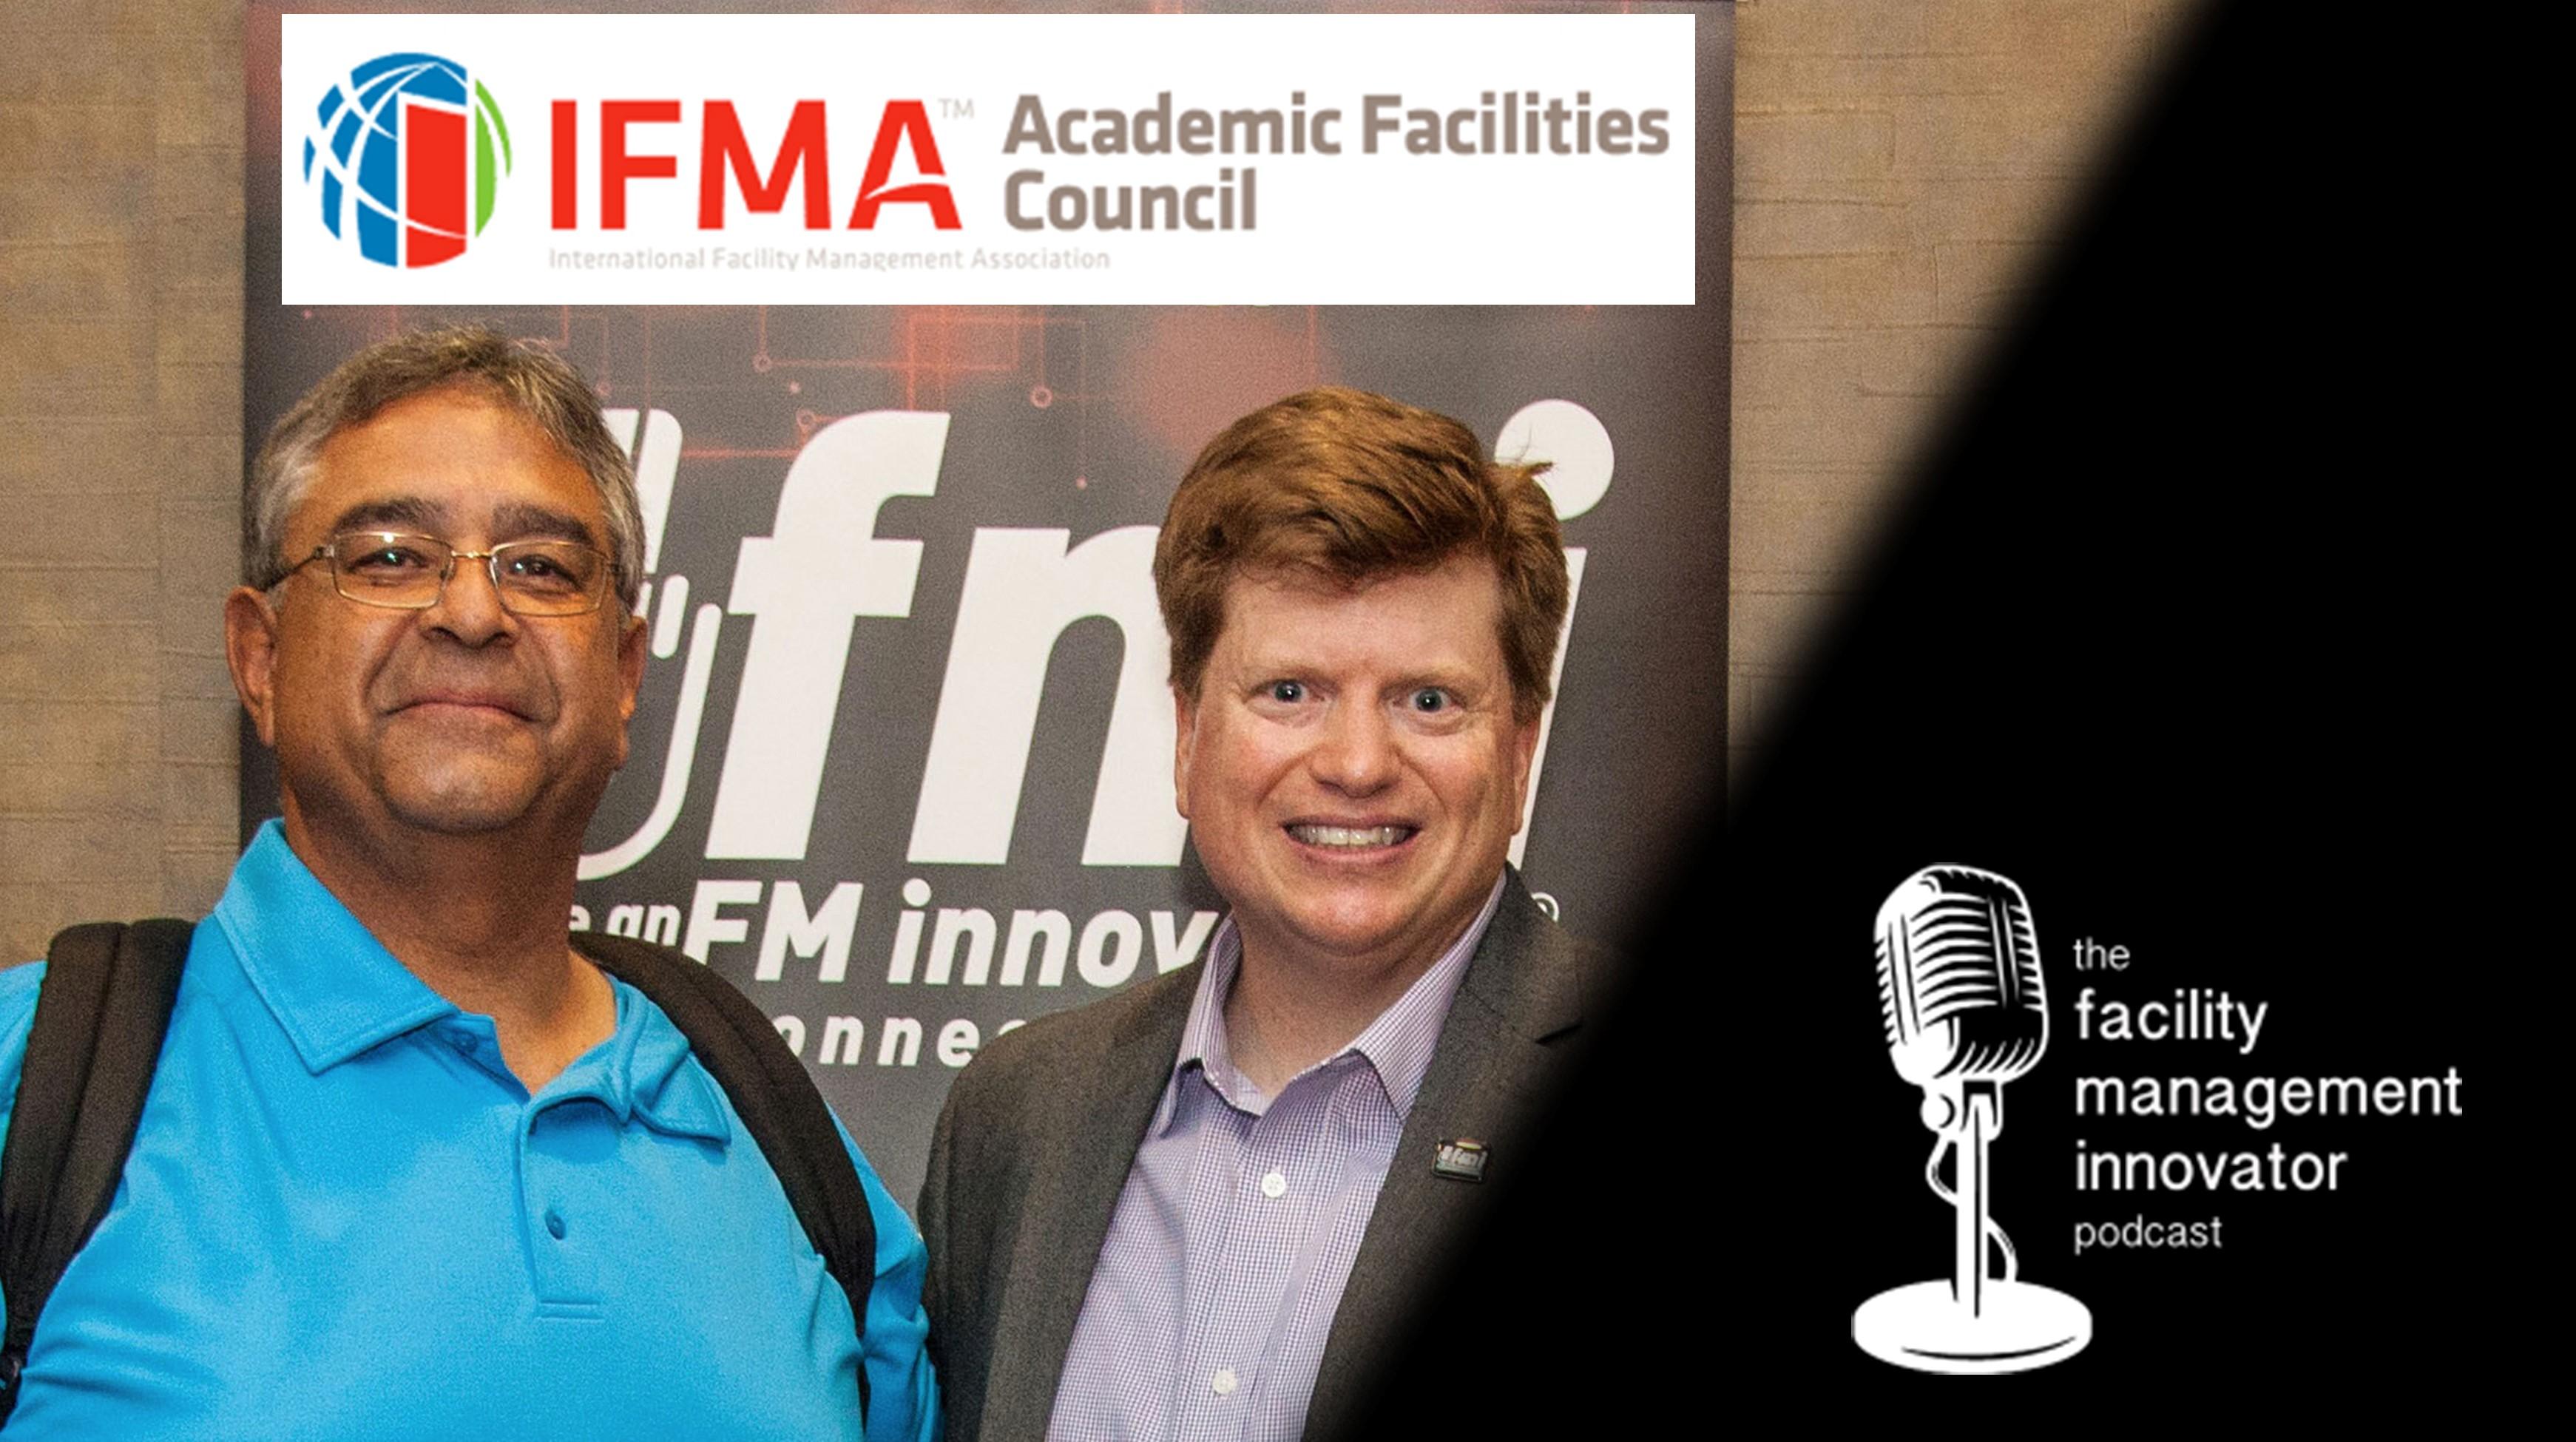 Ep. 74: Academic Facilities Management & IFMA Connections | James P. Gonsalves, CFM, SFP